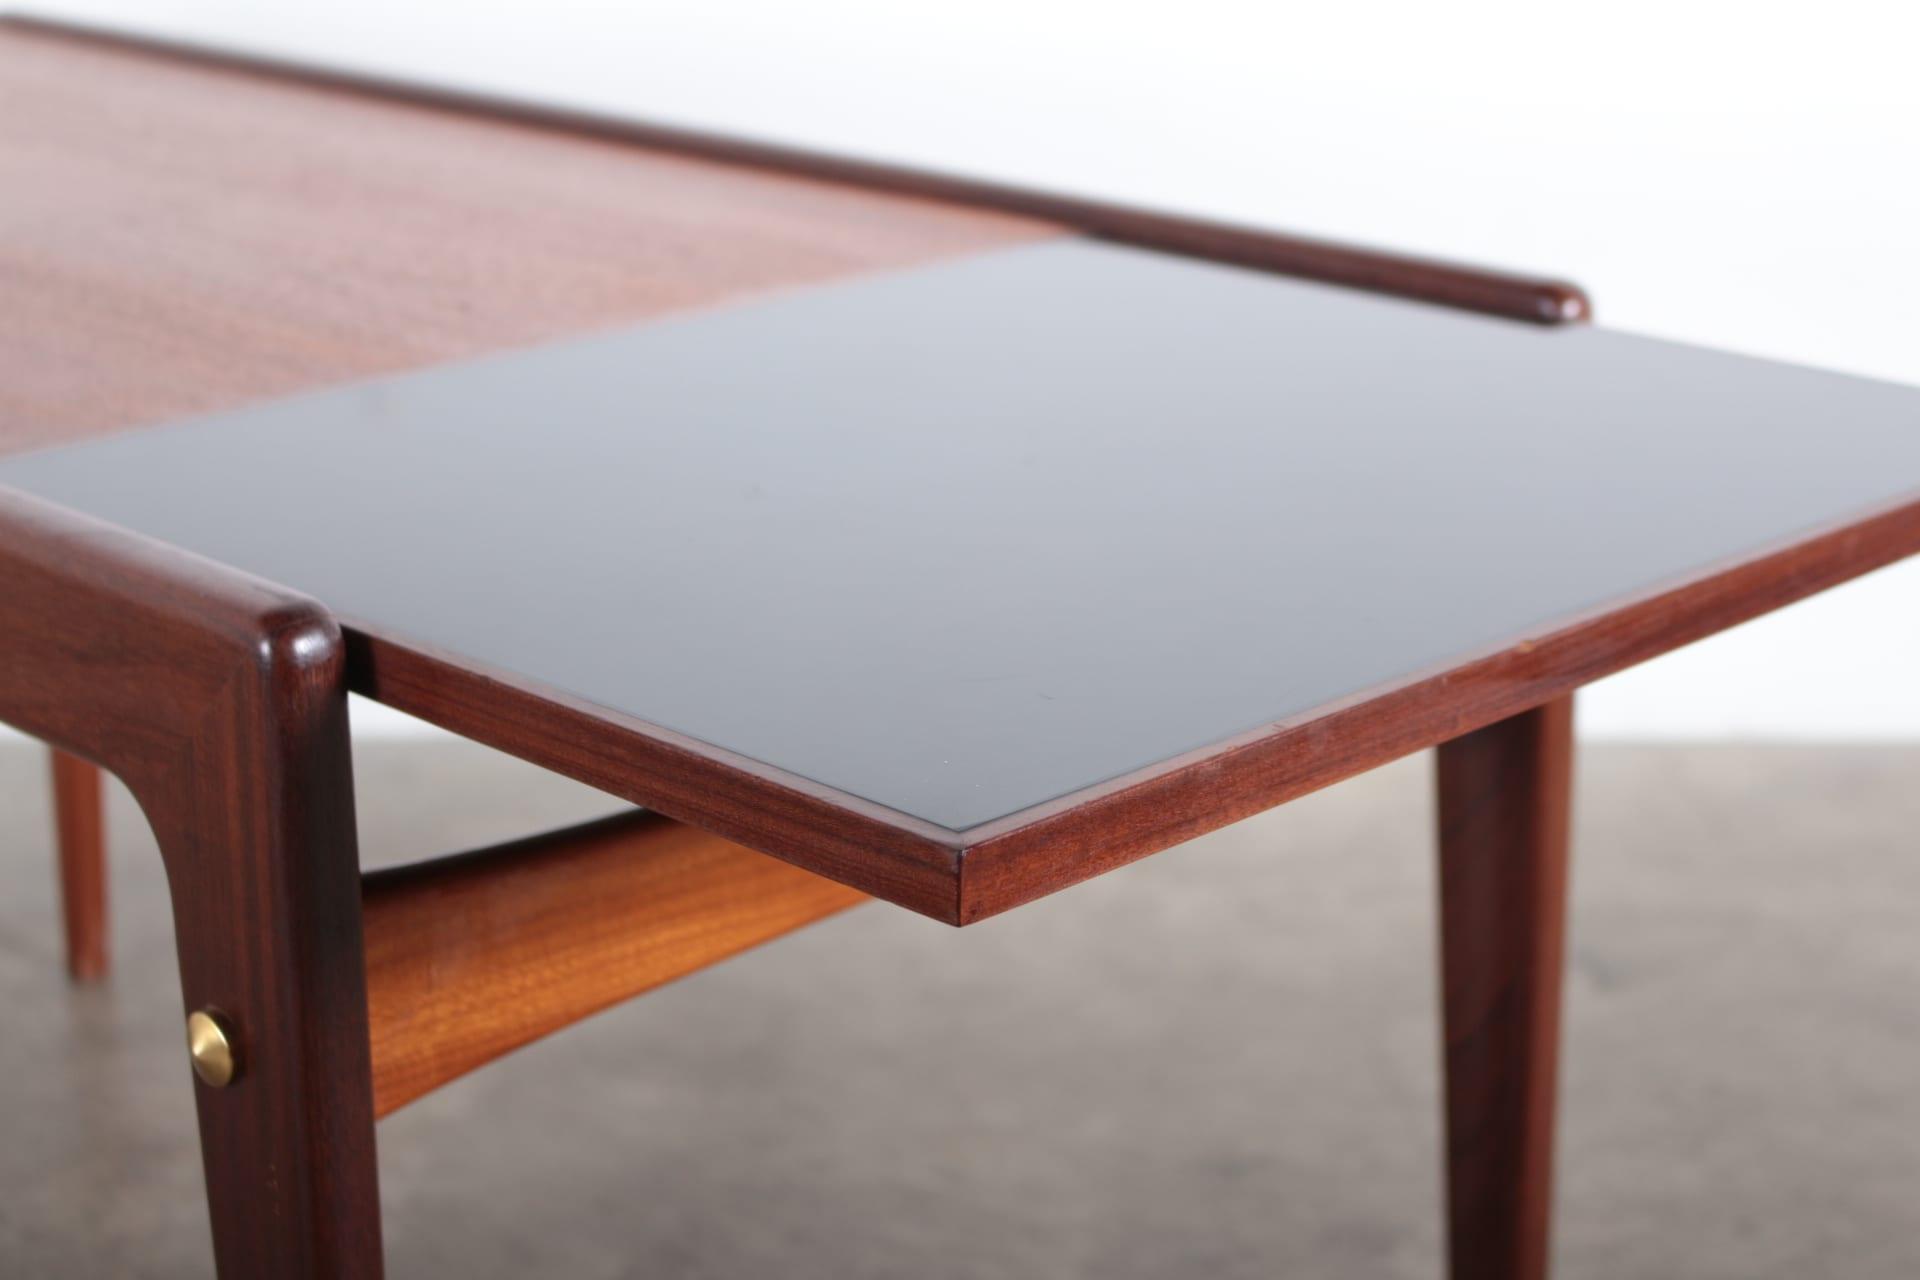 table basse de style scandinave meubles vintage li ge. Black Bedroom Furniture Sets. Home Design Ideas